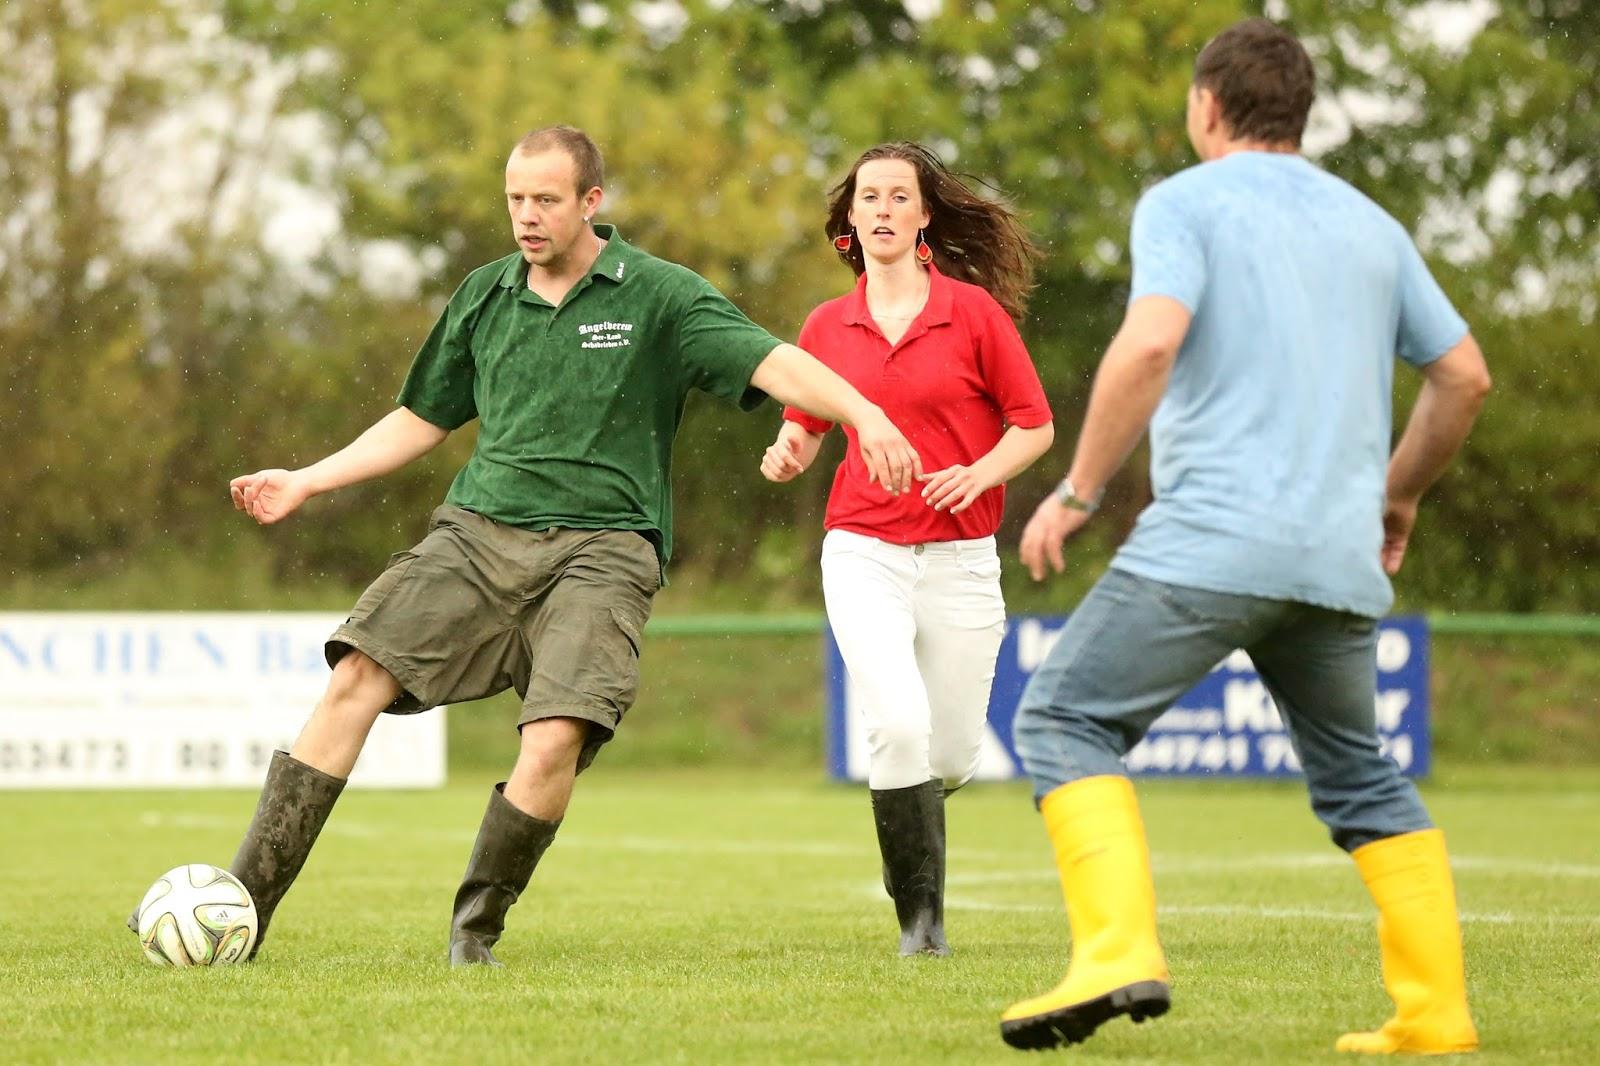 lustig fußball spiele